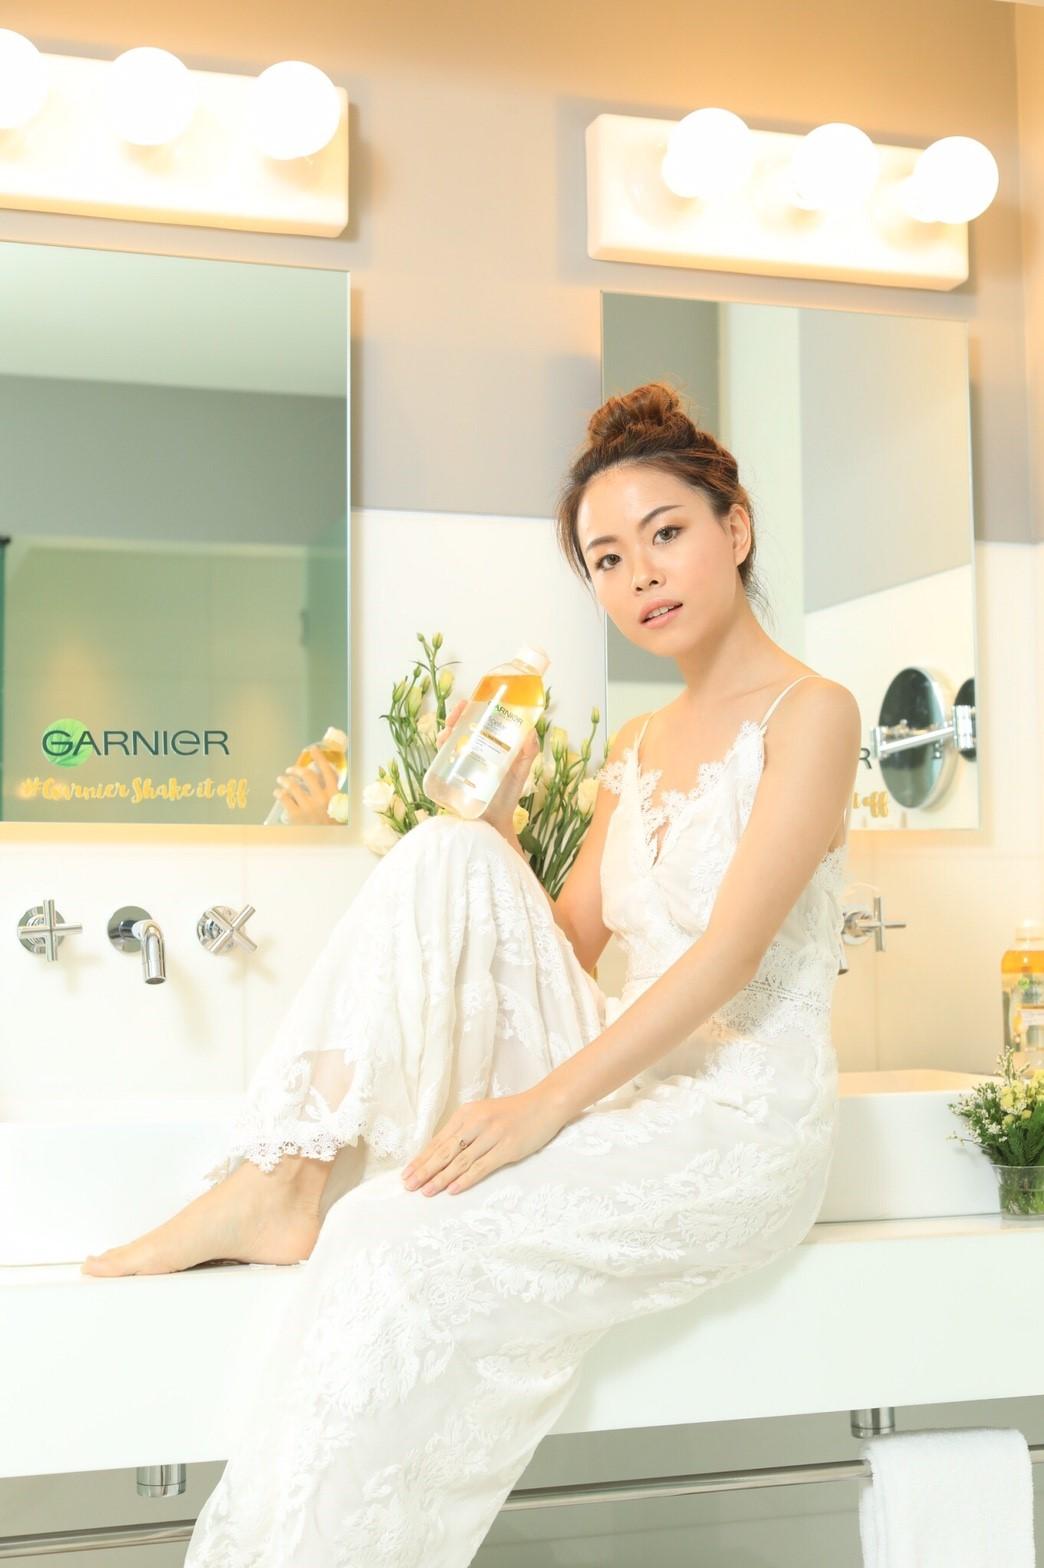 GarnierXAleksphtgrph_170909_0019.jpg